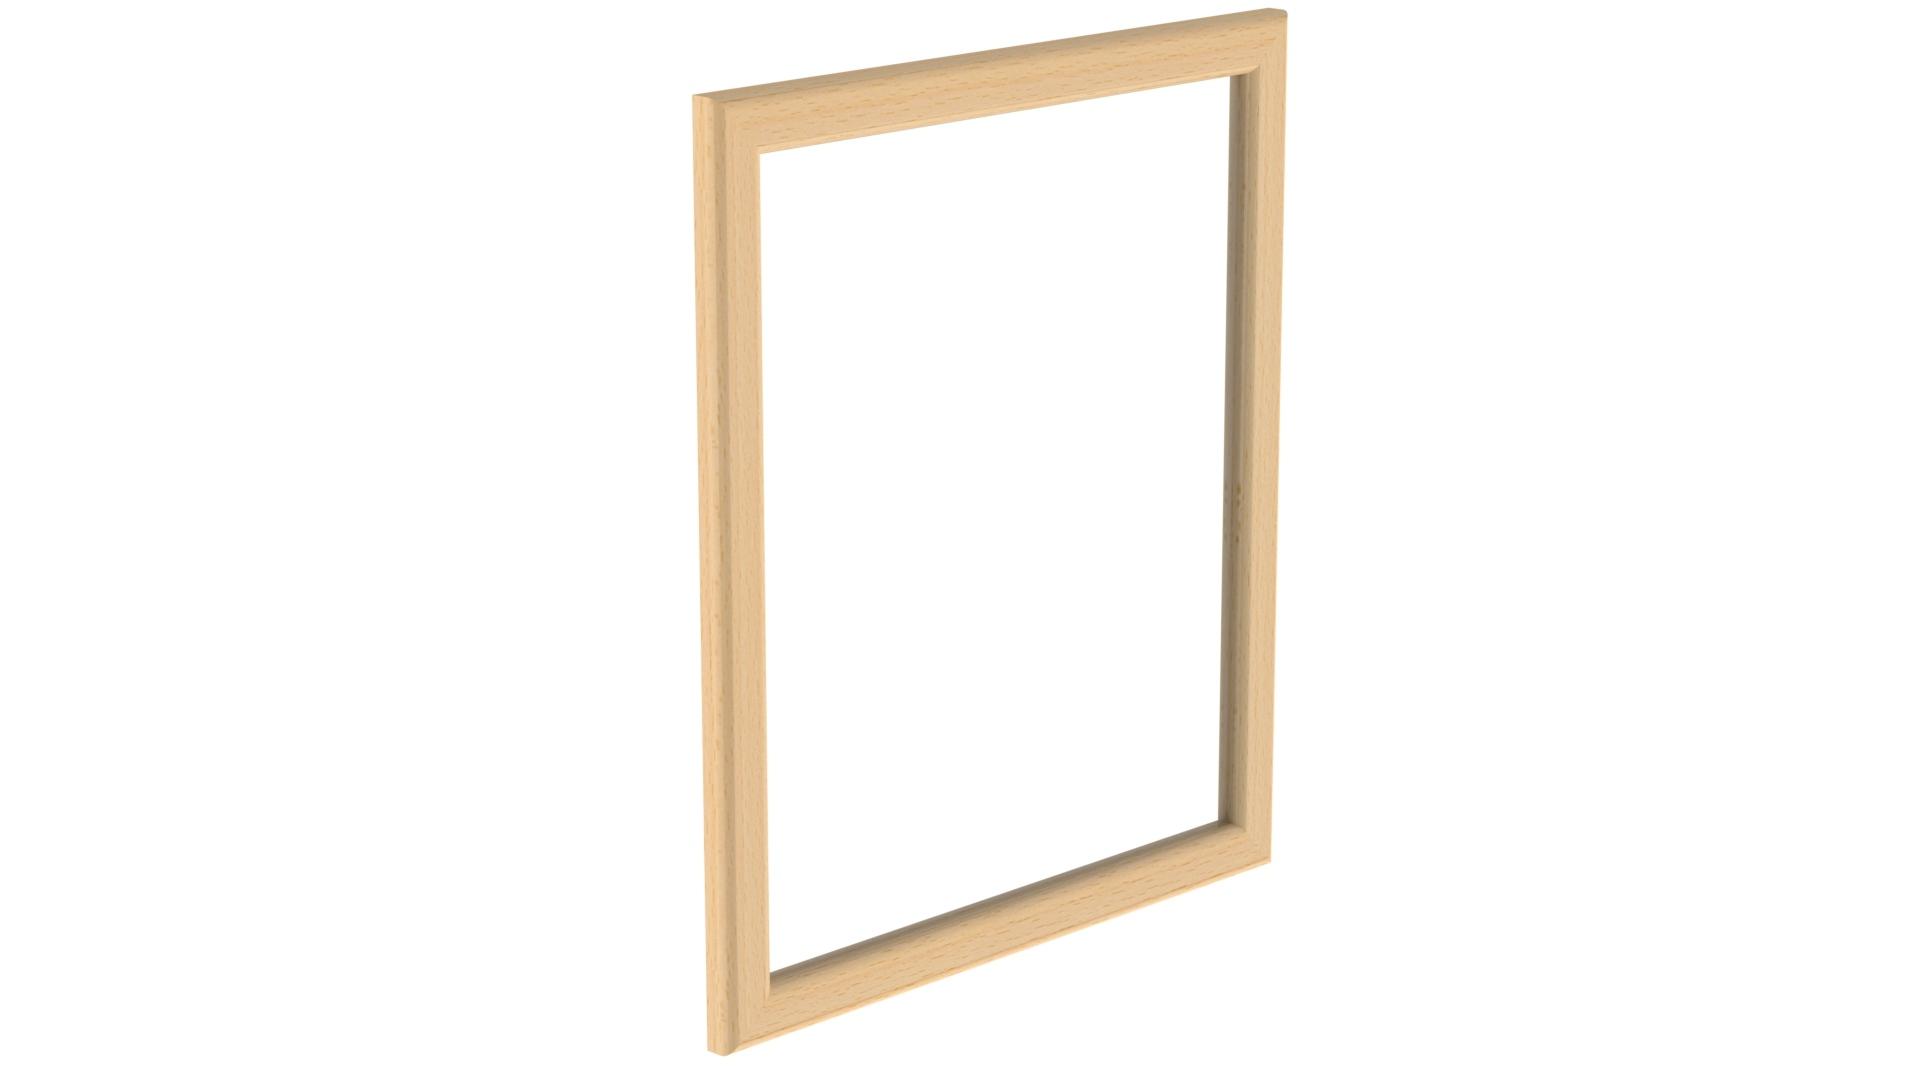 PAMDES001_Espelho 600x700 C_caixilho em madeira faia